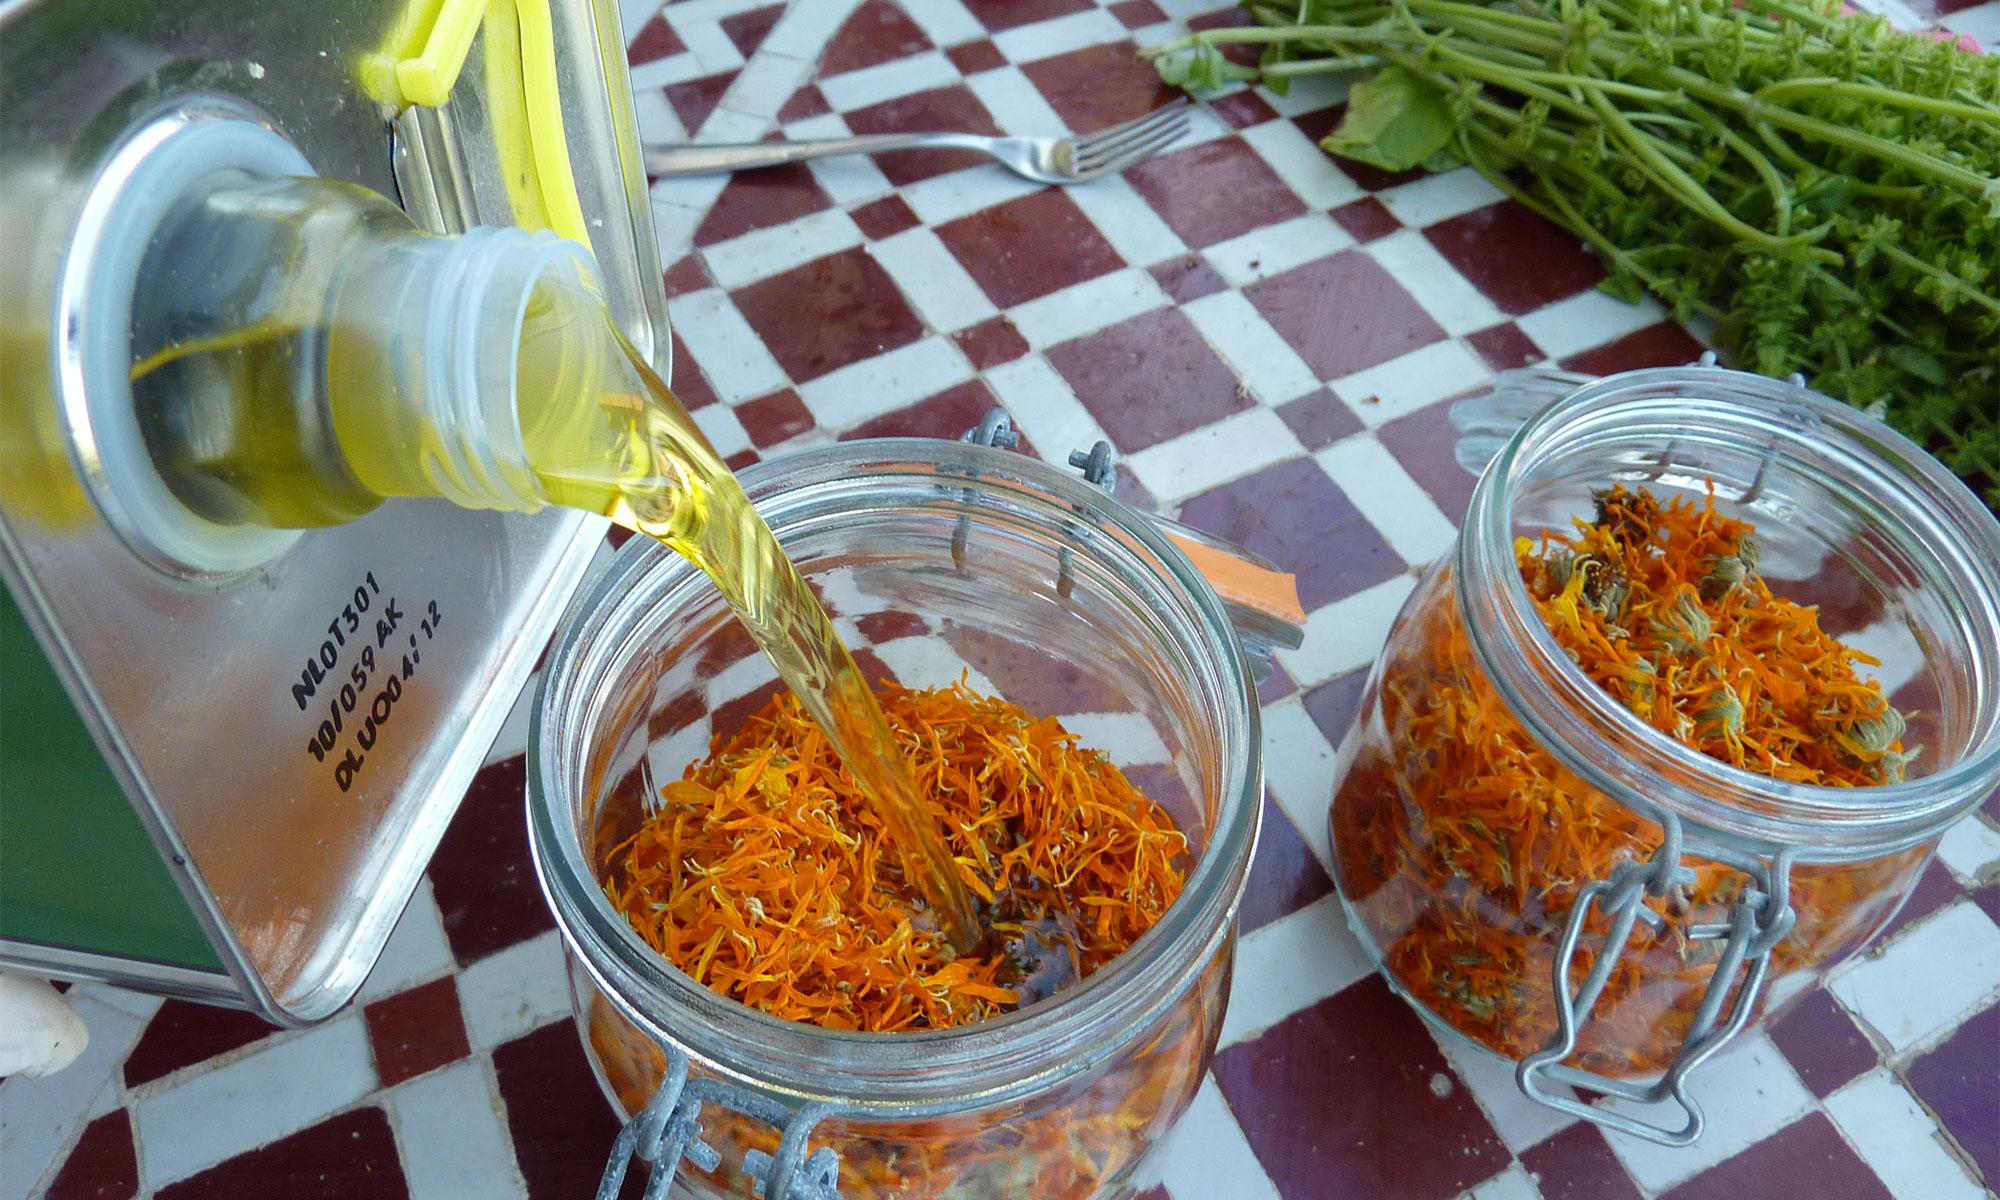 Recette de macérat aux fleurs de soucis - Les Ateliers en Herbe